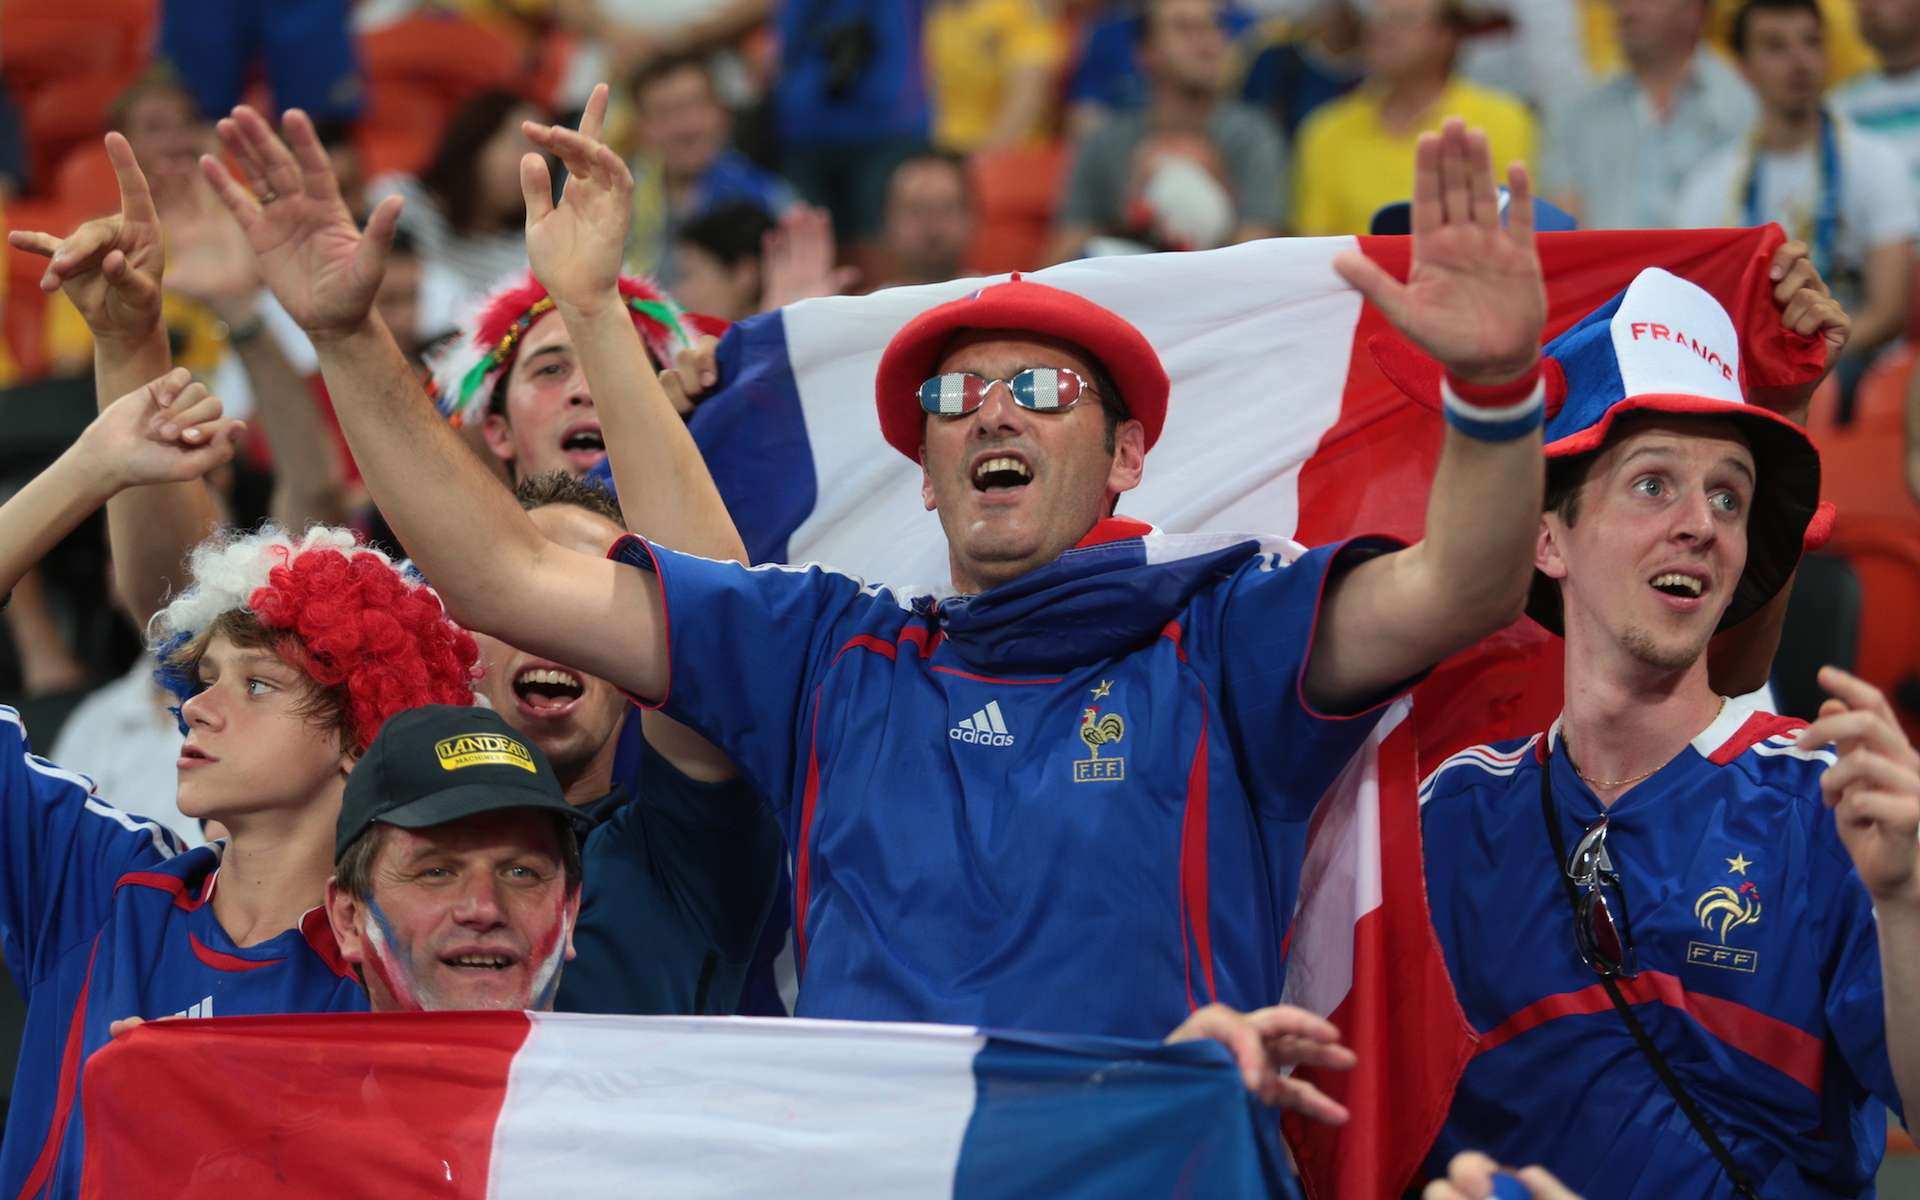 Lors de la Coupe du monde 1998, l'équipe de France de football avait l'avantage de jouer à domicile. © photo_master2000, Shutterstock